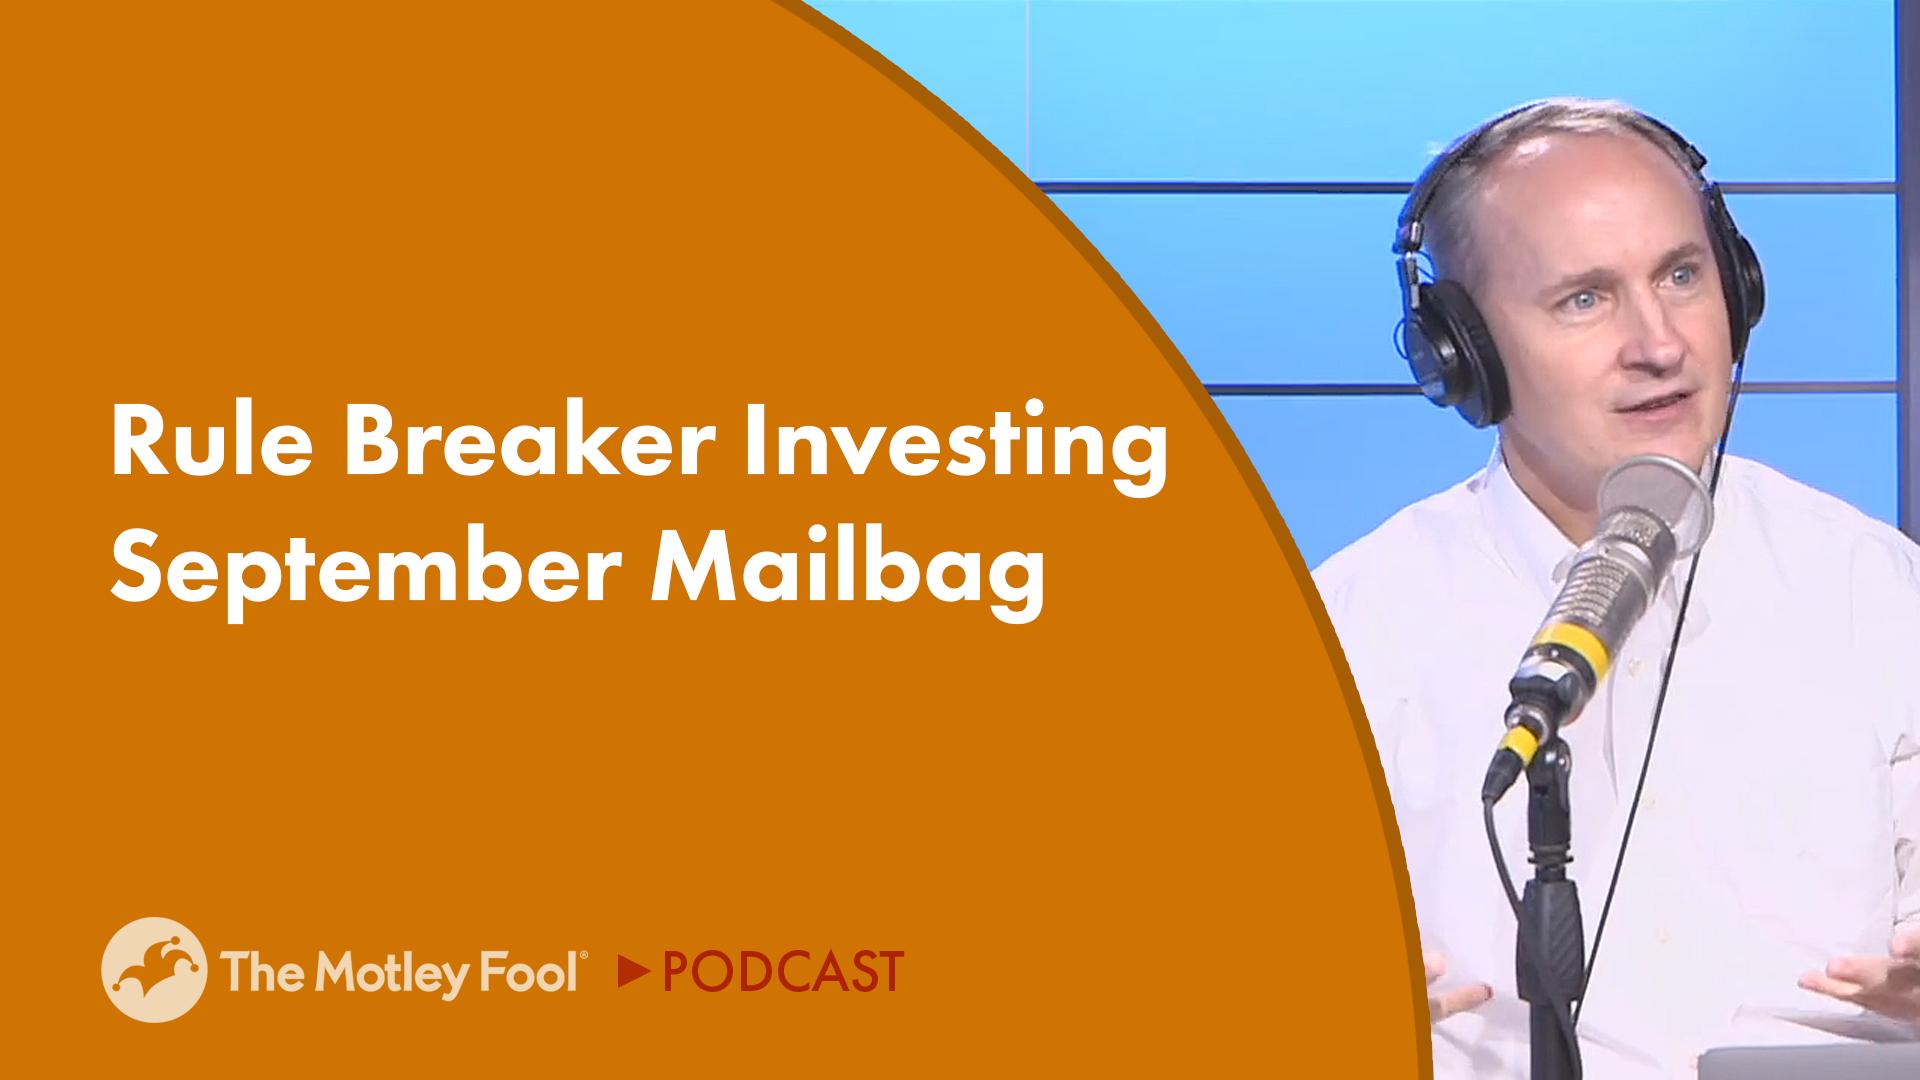 Rule Breaker Investing September Mailbag